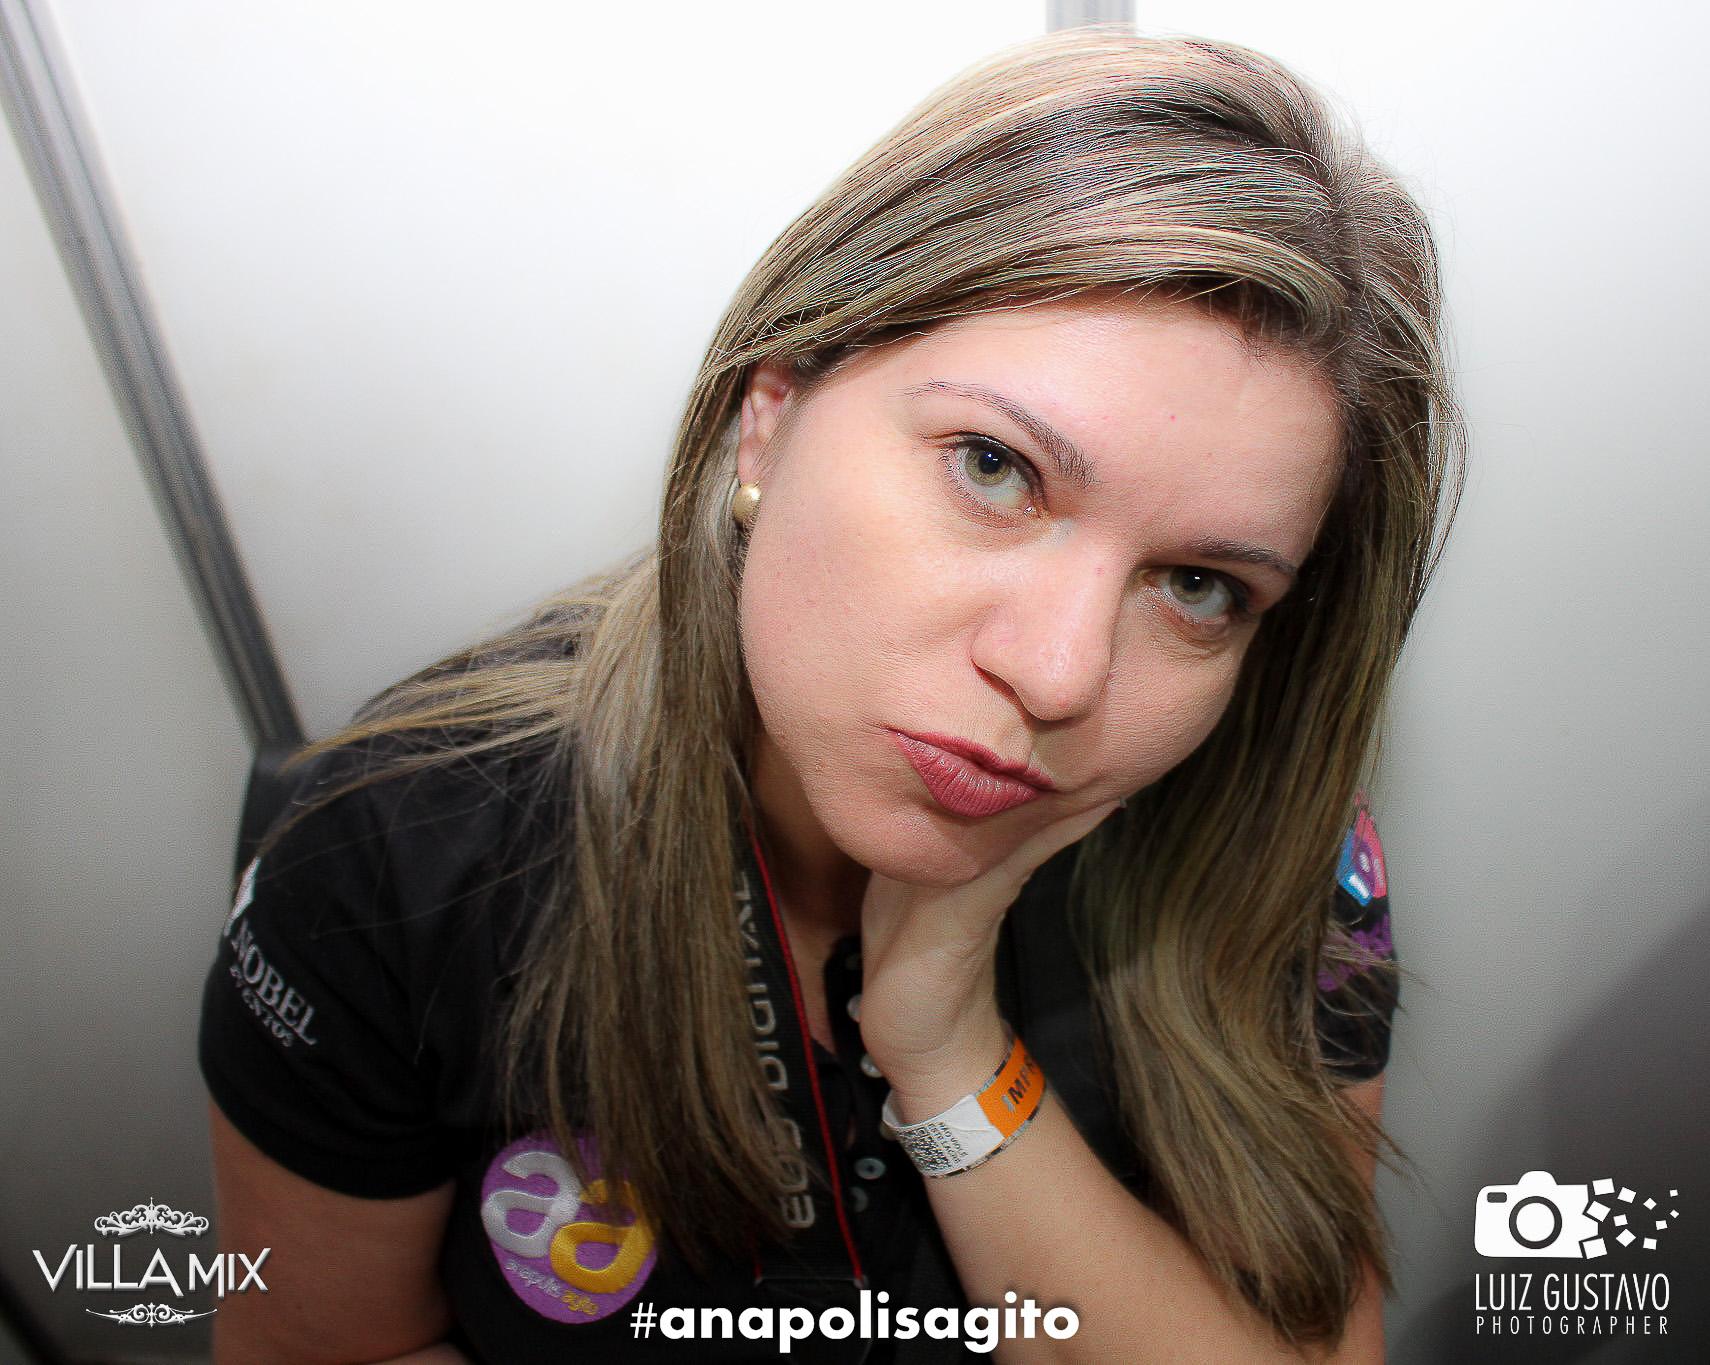 Luiz Gustavo Photographer (97 de 327)